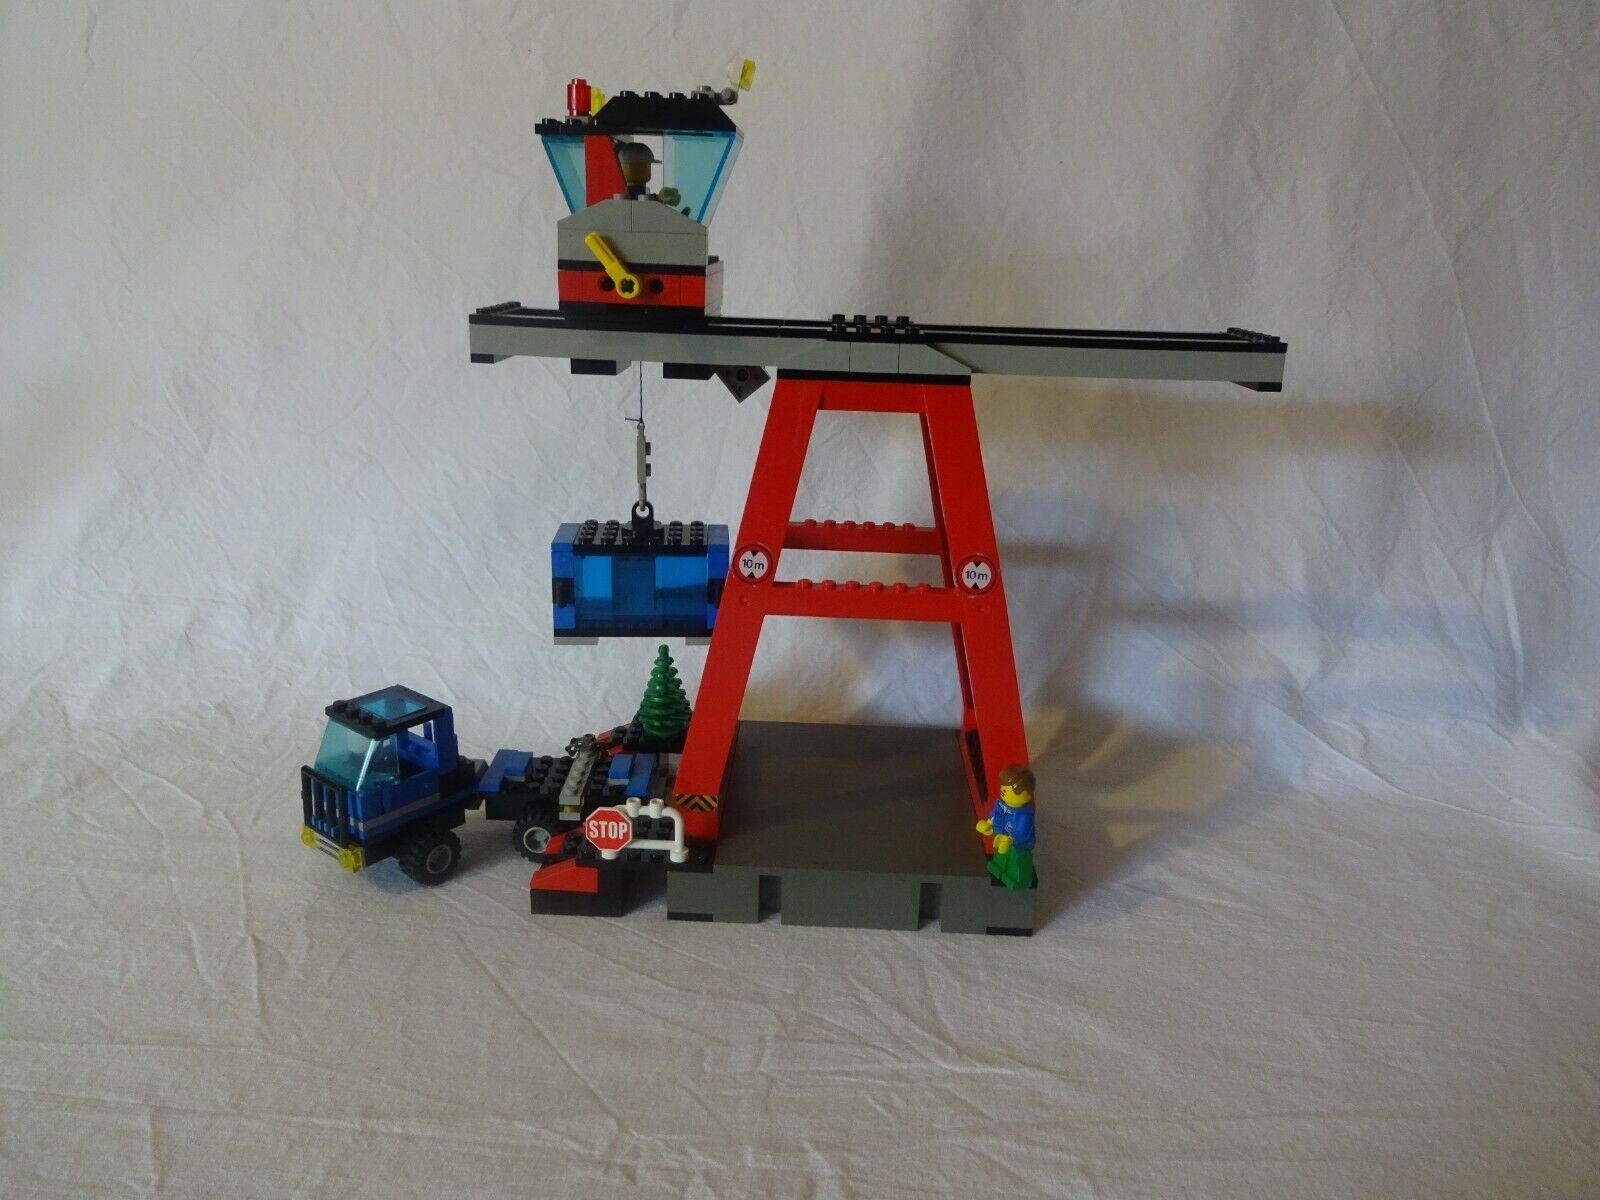 Lego City  Trains 4557 Freight ChargeHommest Station  économisez 60% de réduction et expédition rapide dans le monde entier